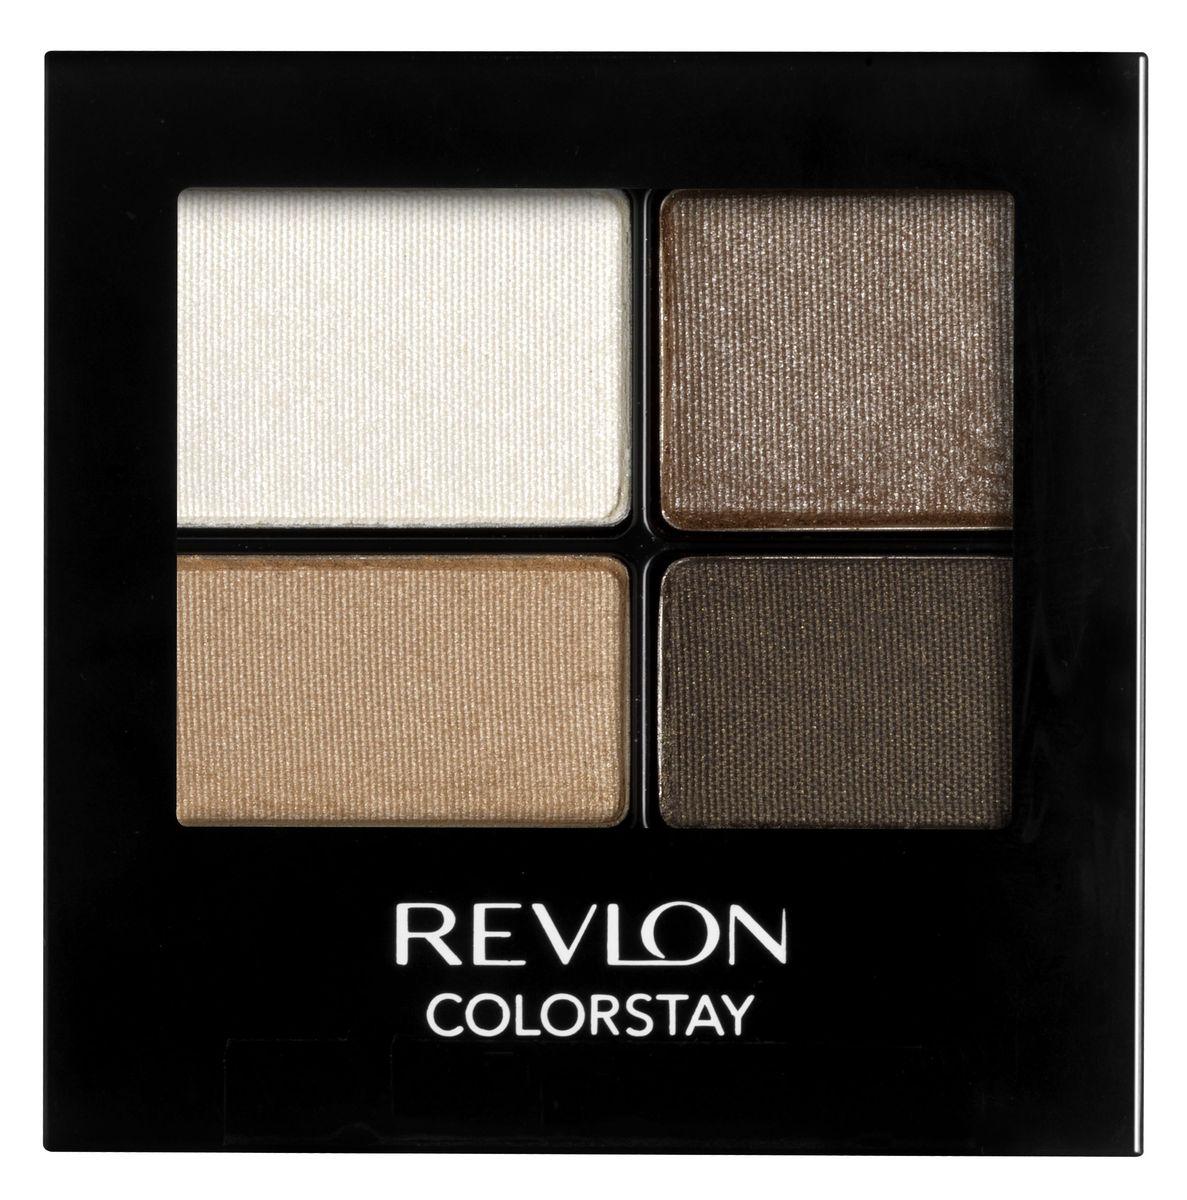 Revlon Тени для Век Четырехцветные Colorstay Eye16 Hour Eye Shadow Quad Moonlit 555 42 г7210767012Colorstay 16 Hour Shadow - роскошные тени для век с шелковистой текстурой и невероятно стойкой формулой. Теперь ваш макияж сохранит свой безупречный вид не менее 16 часов! Все оттенки гармонично сочетаются друг с другом и легко смешиваются, позволяя создать бесконечное количество вариантов макияжа глаз: от нежных, естественных, едва заметных до ярких, выразительных, драматических. На оборотной стороне продукта приведена схема нанесения теней.